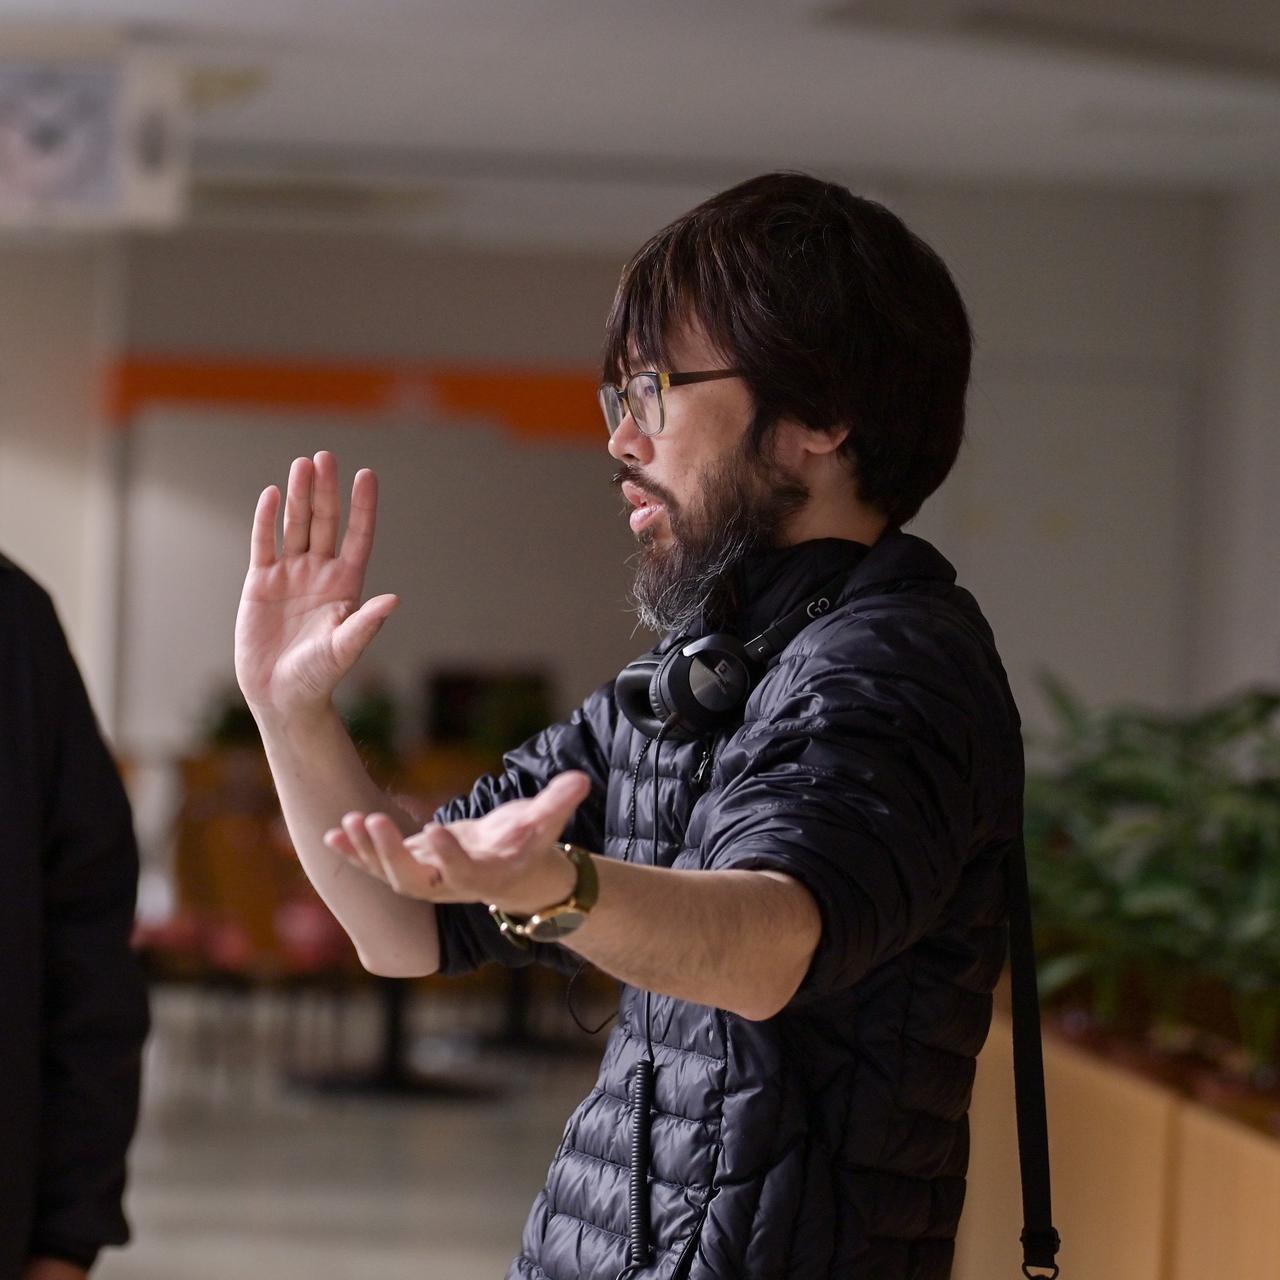 画像6: 中国での栄誉に続き、アジア最大の映画祭、釜山国際映画祭で快挙!新人監督コンペ部門最高賞を受賞!春本雄二郎監督『由宇子の天秤』-片渕須直プロデューサーなどのコメント到着!